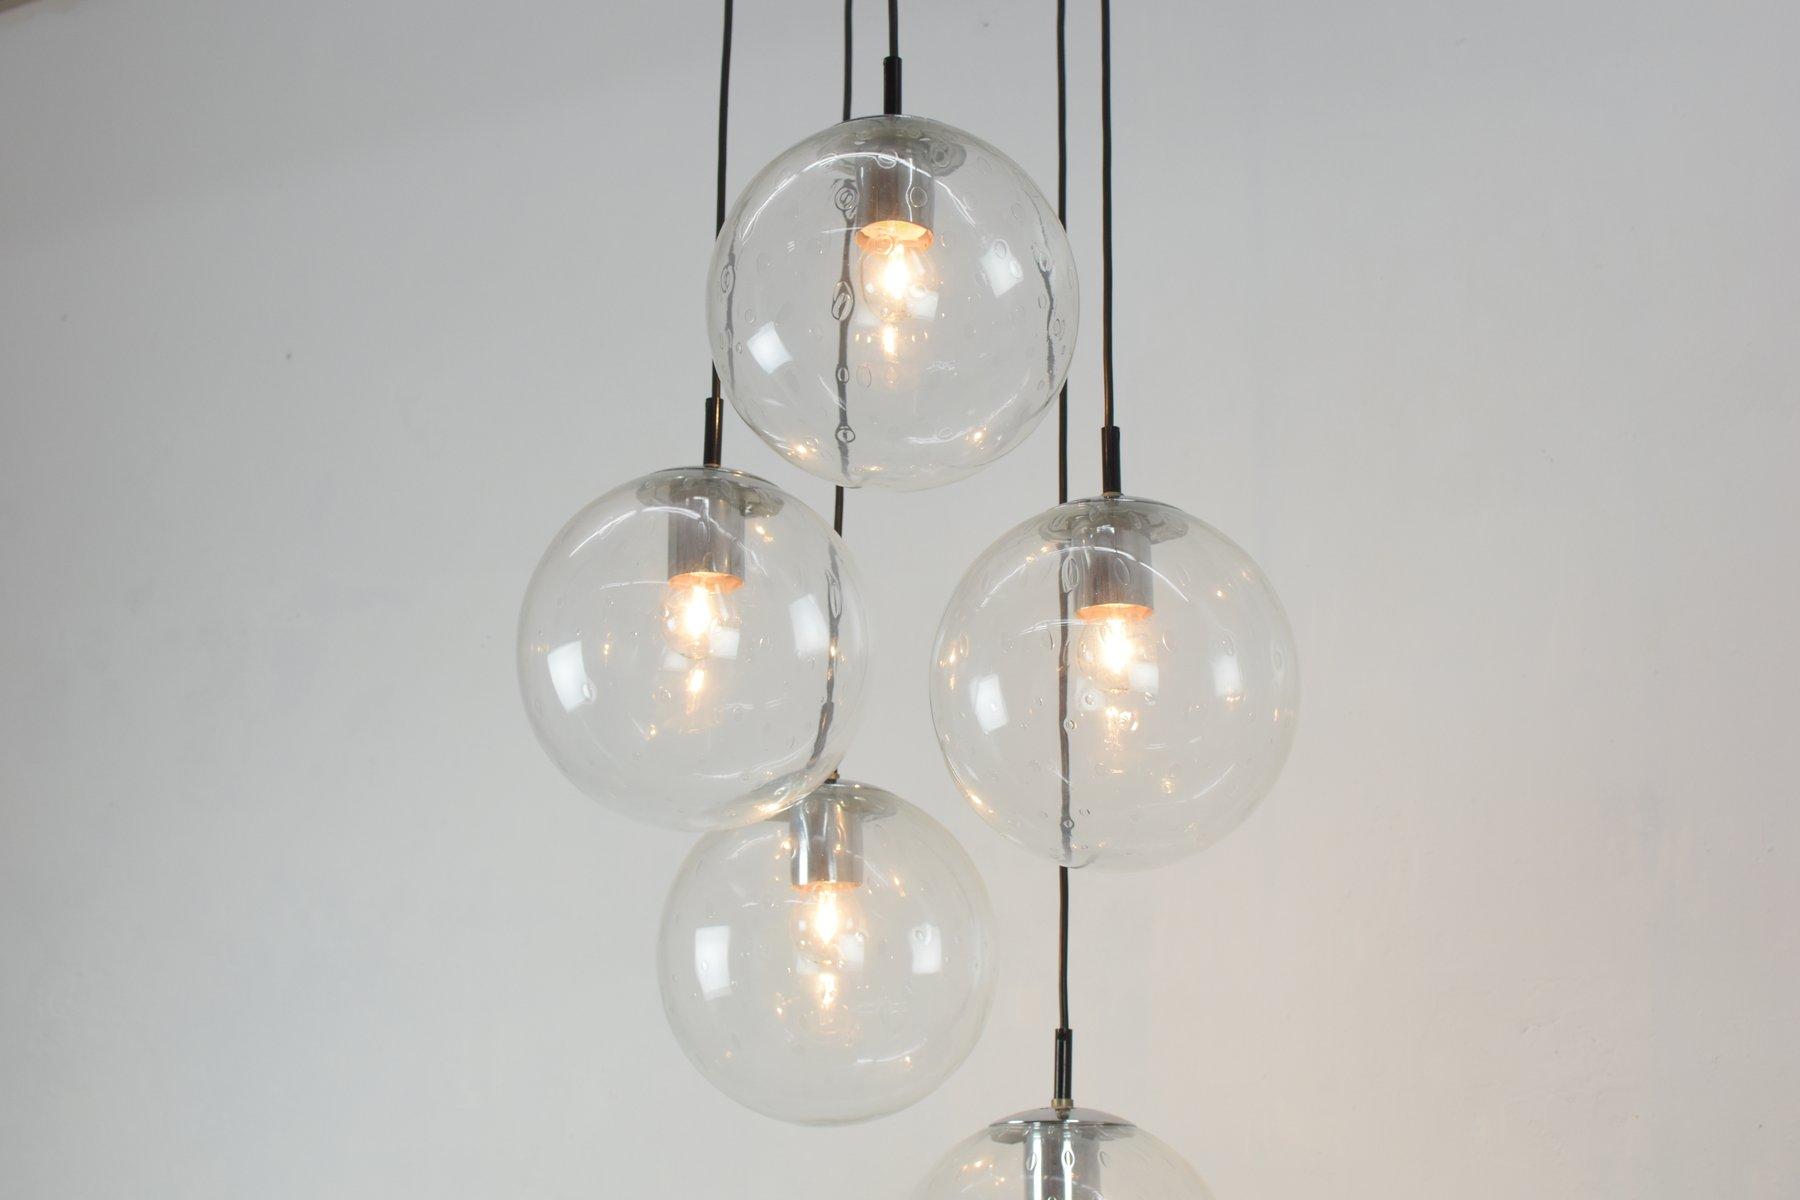 Niederl ndische deckenlampe aus metall glas mit 5 kugeln von raak 1970er bei pamono kaufen - Glas mit kugeln dekorieren ...